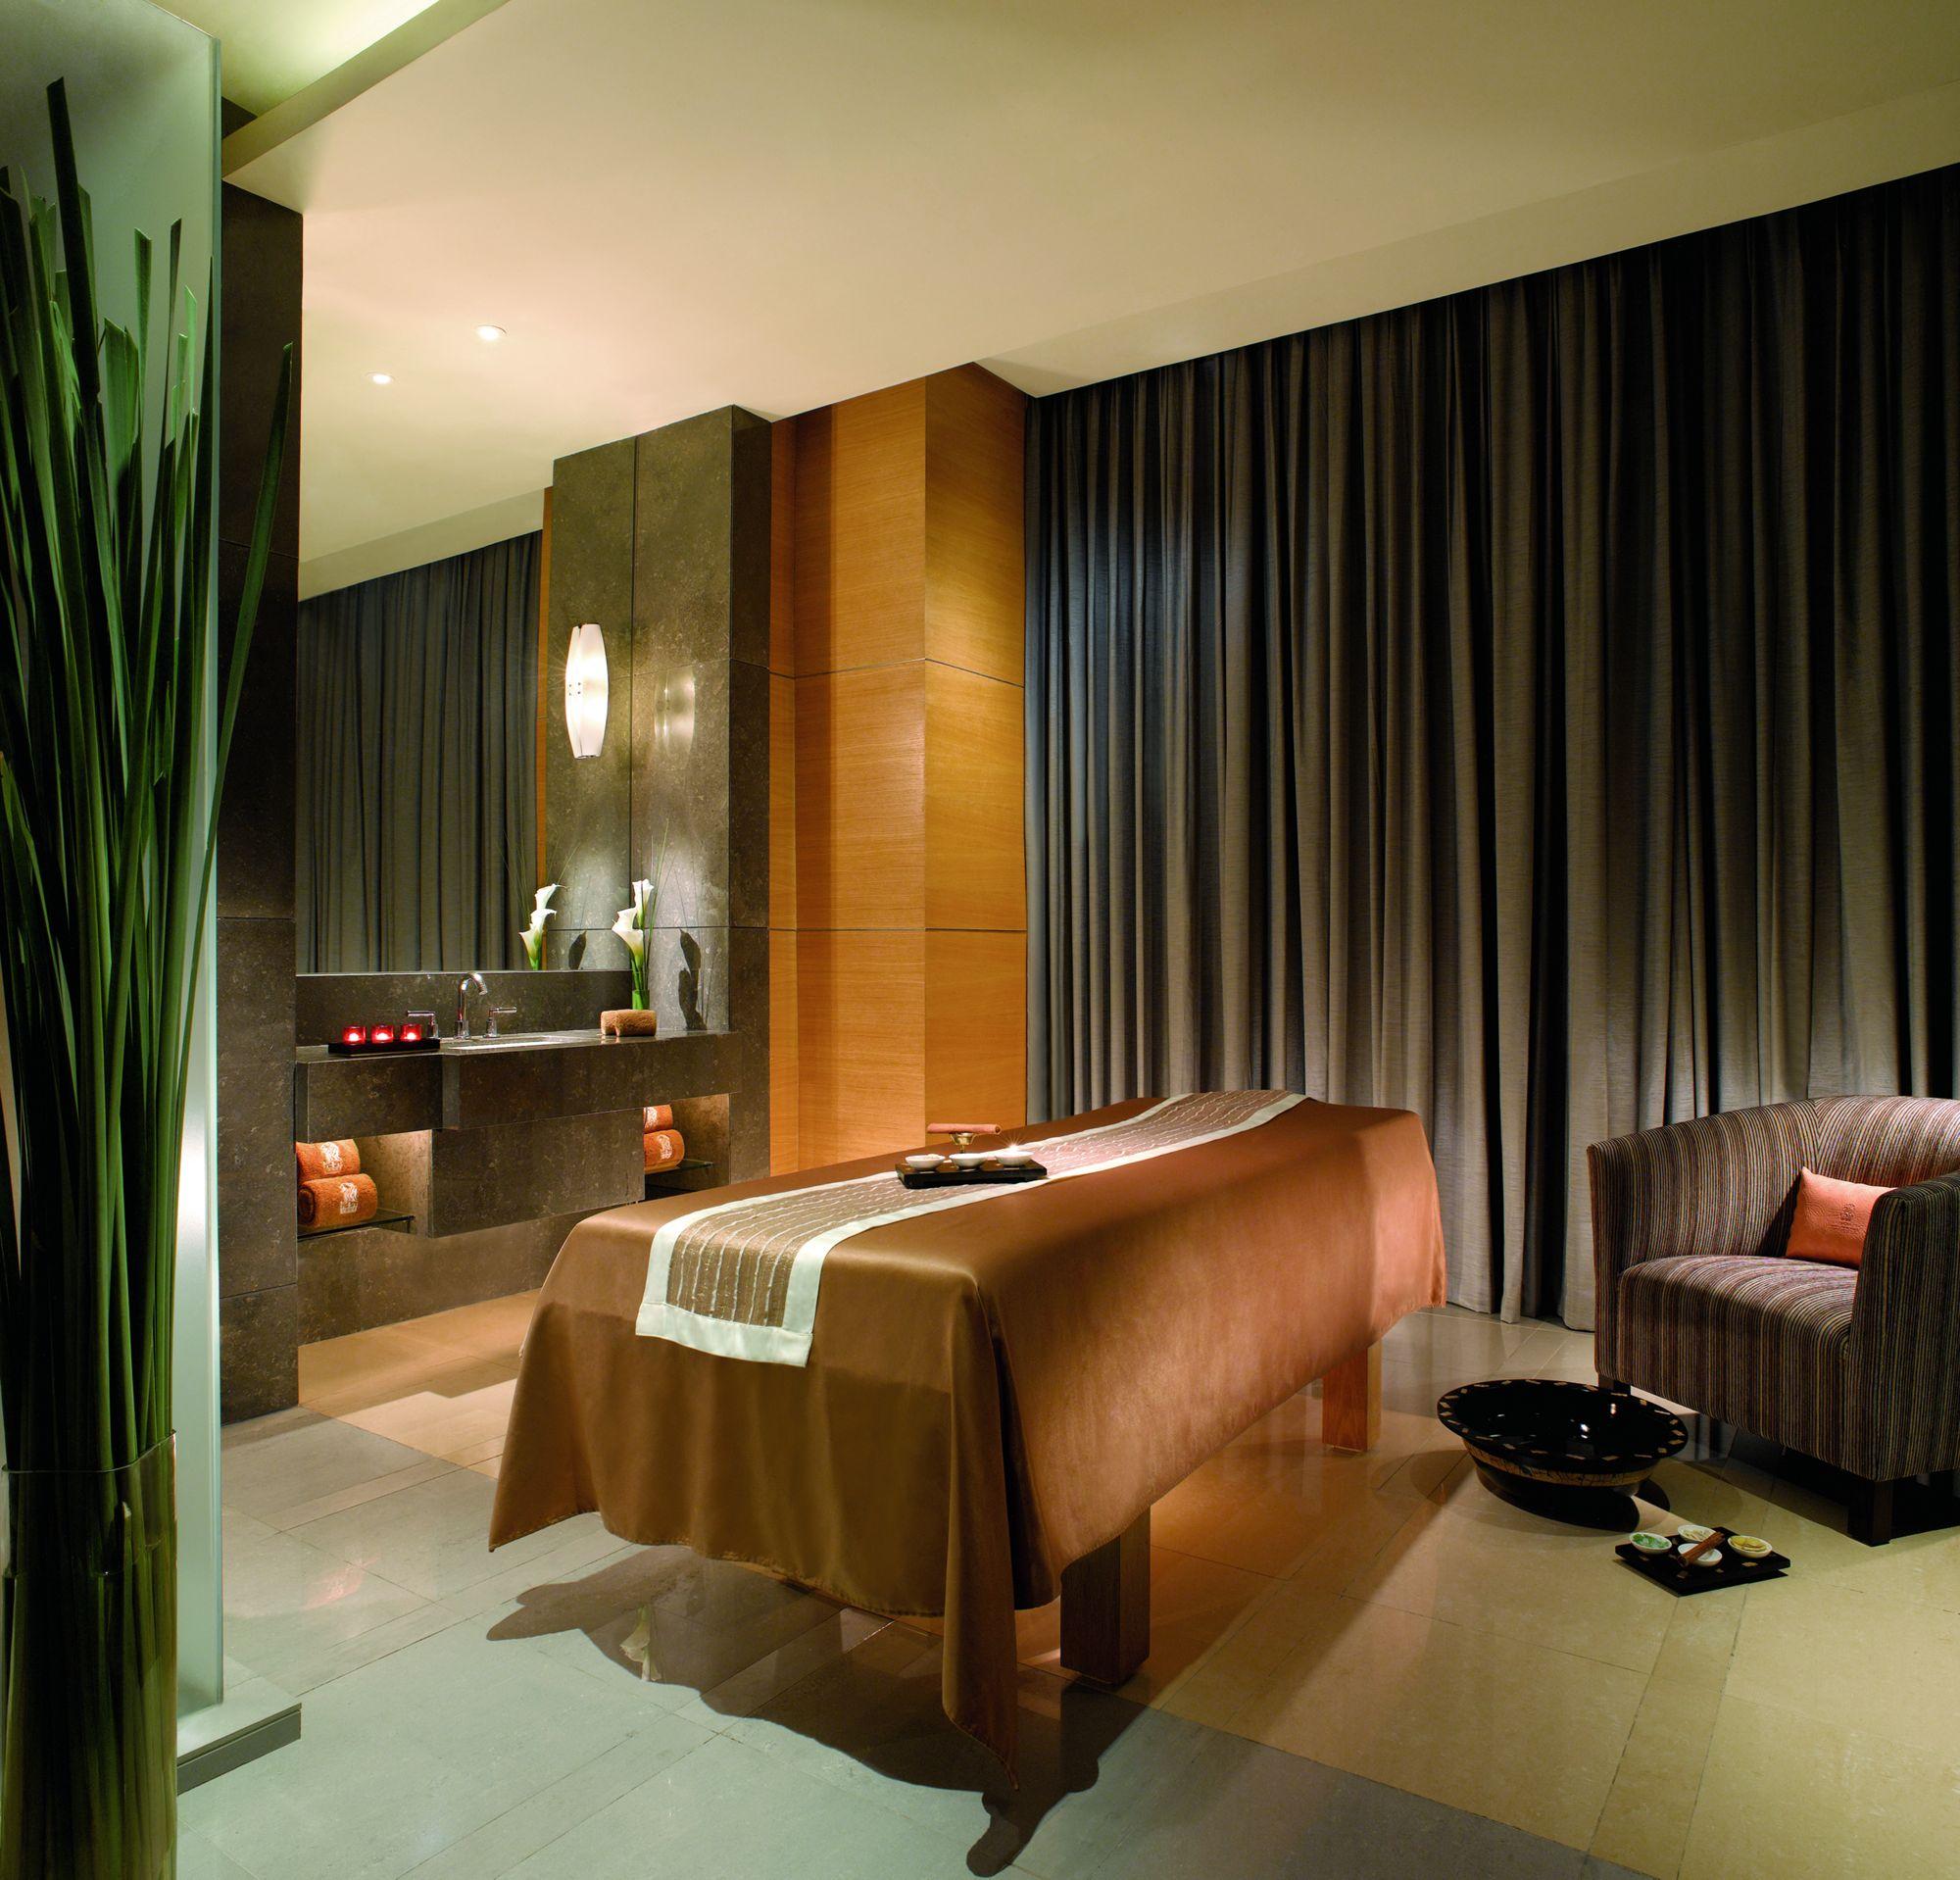 Luxury Spa Hotel Jakarta | The Ritz-Carlton Jakarta, Pacific